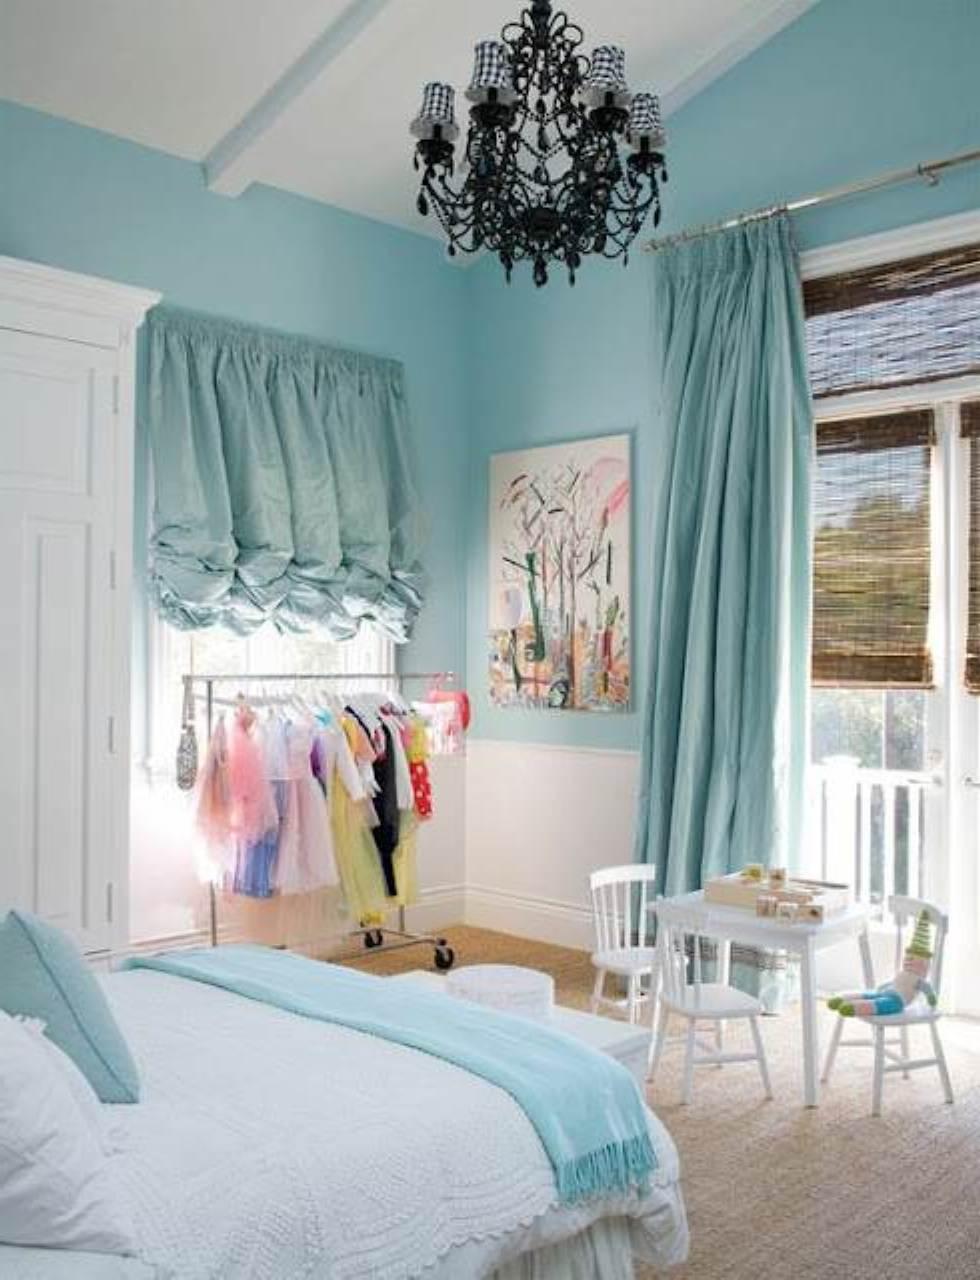 fineste-design-ideer-lille-pige-soveværelser